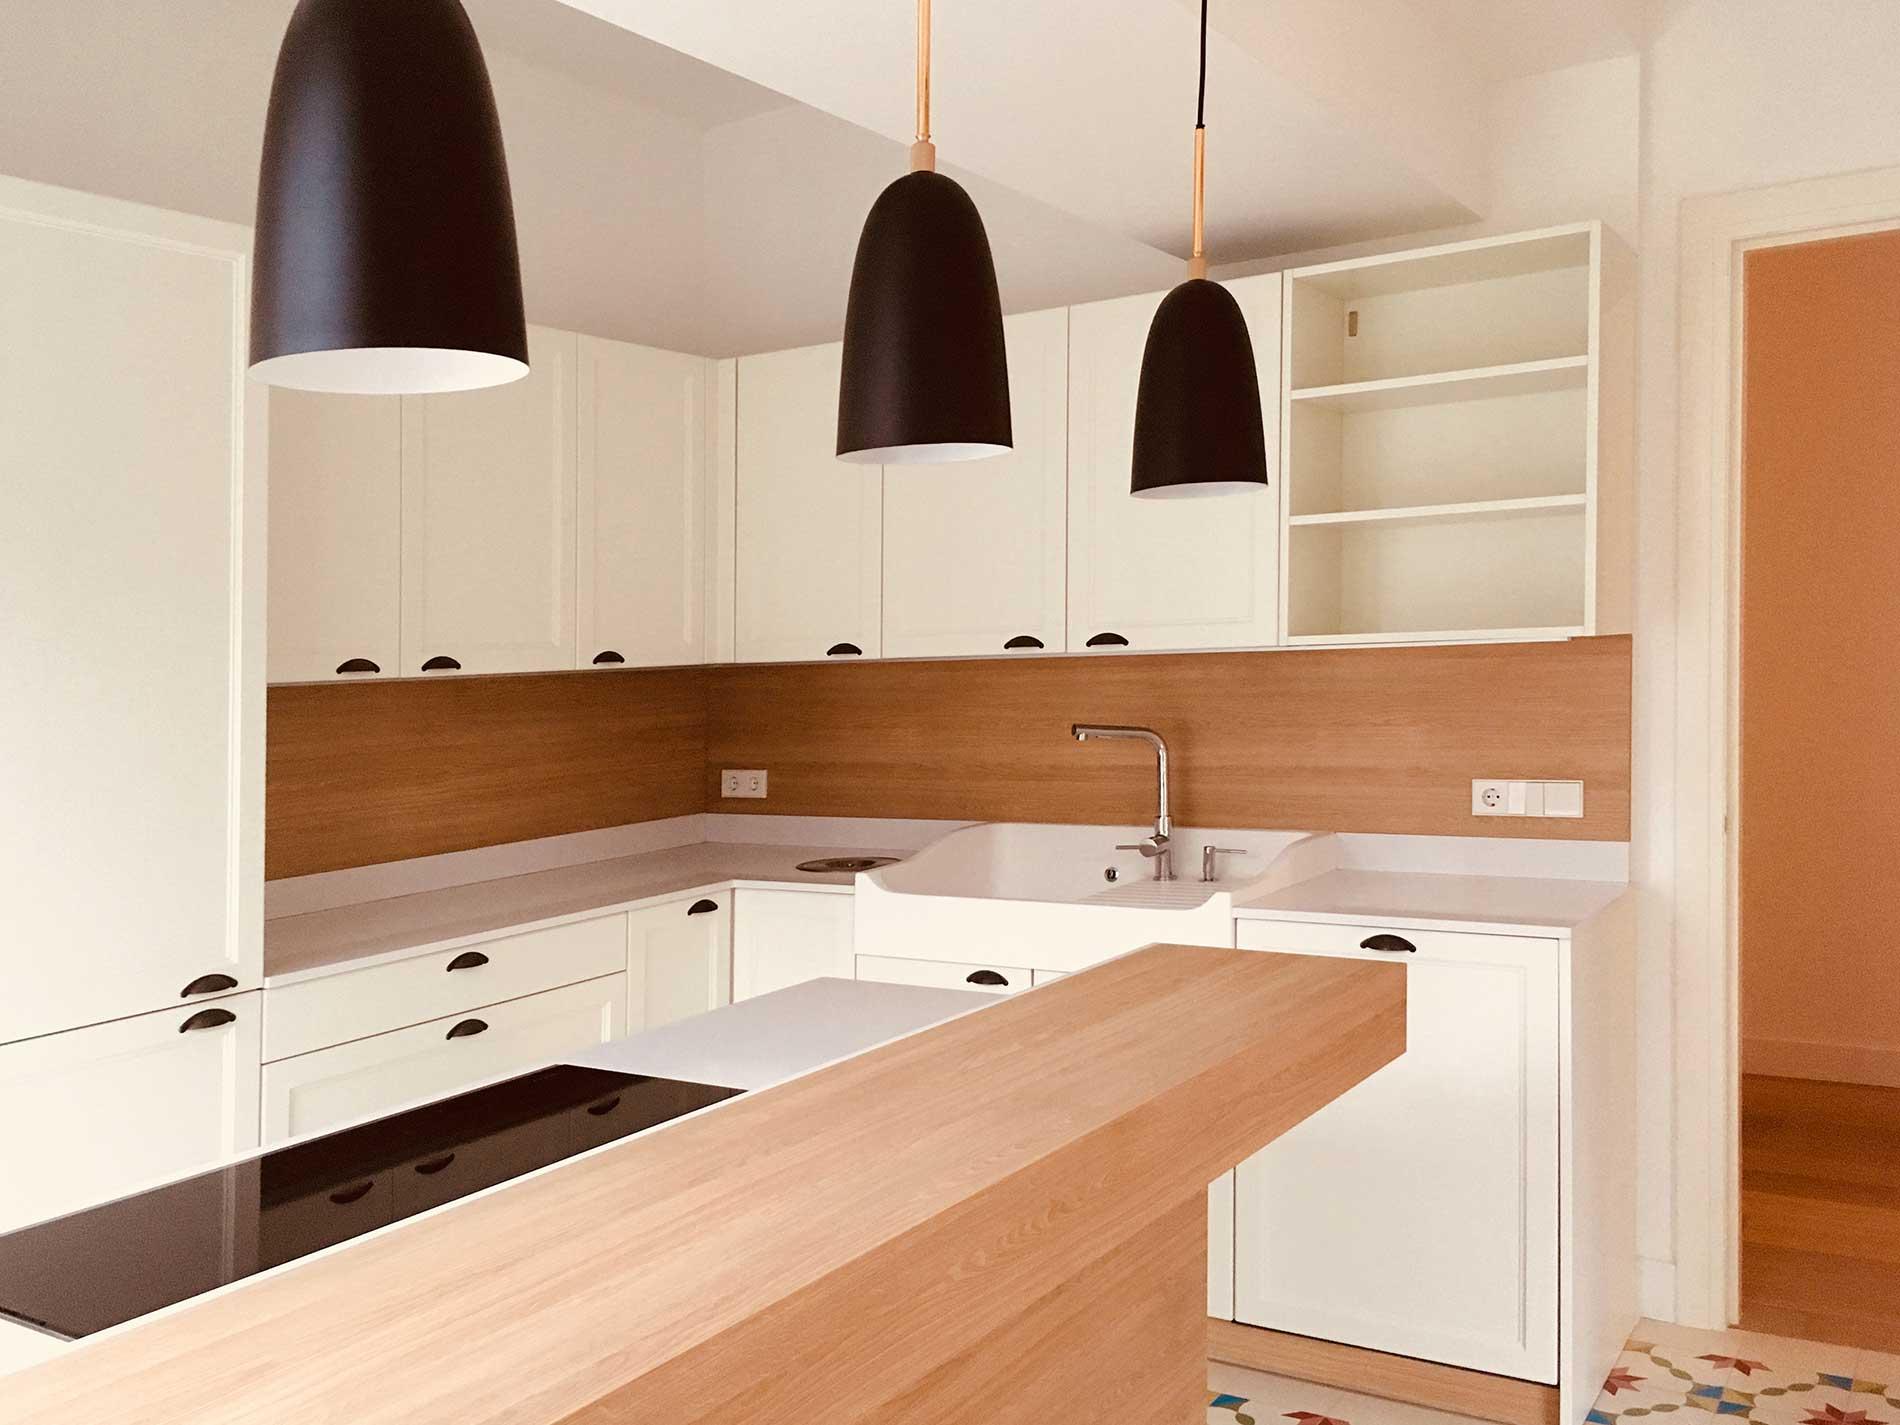 Grandes muebles despensa y un fregadero estilo rústico son algunos de los detalles de esta cocina.